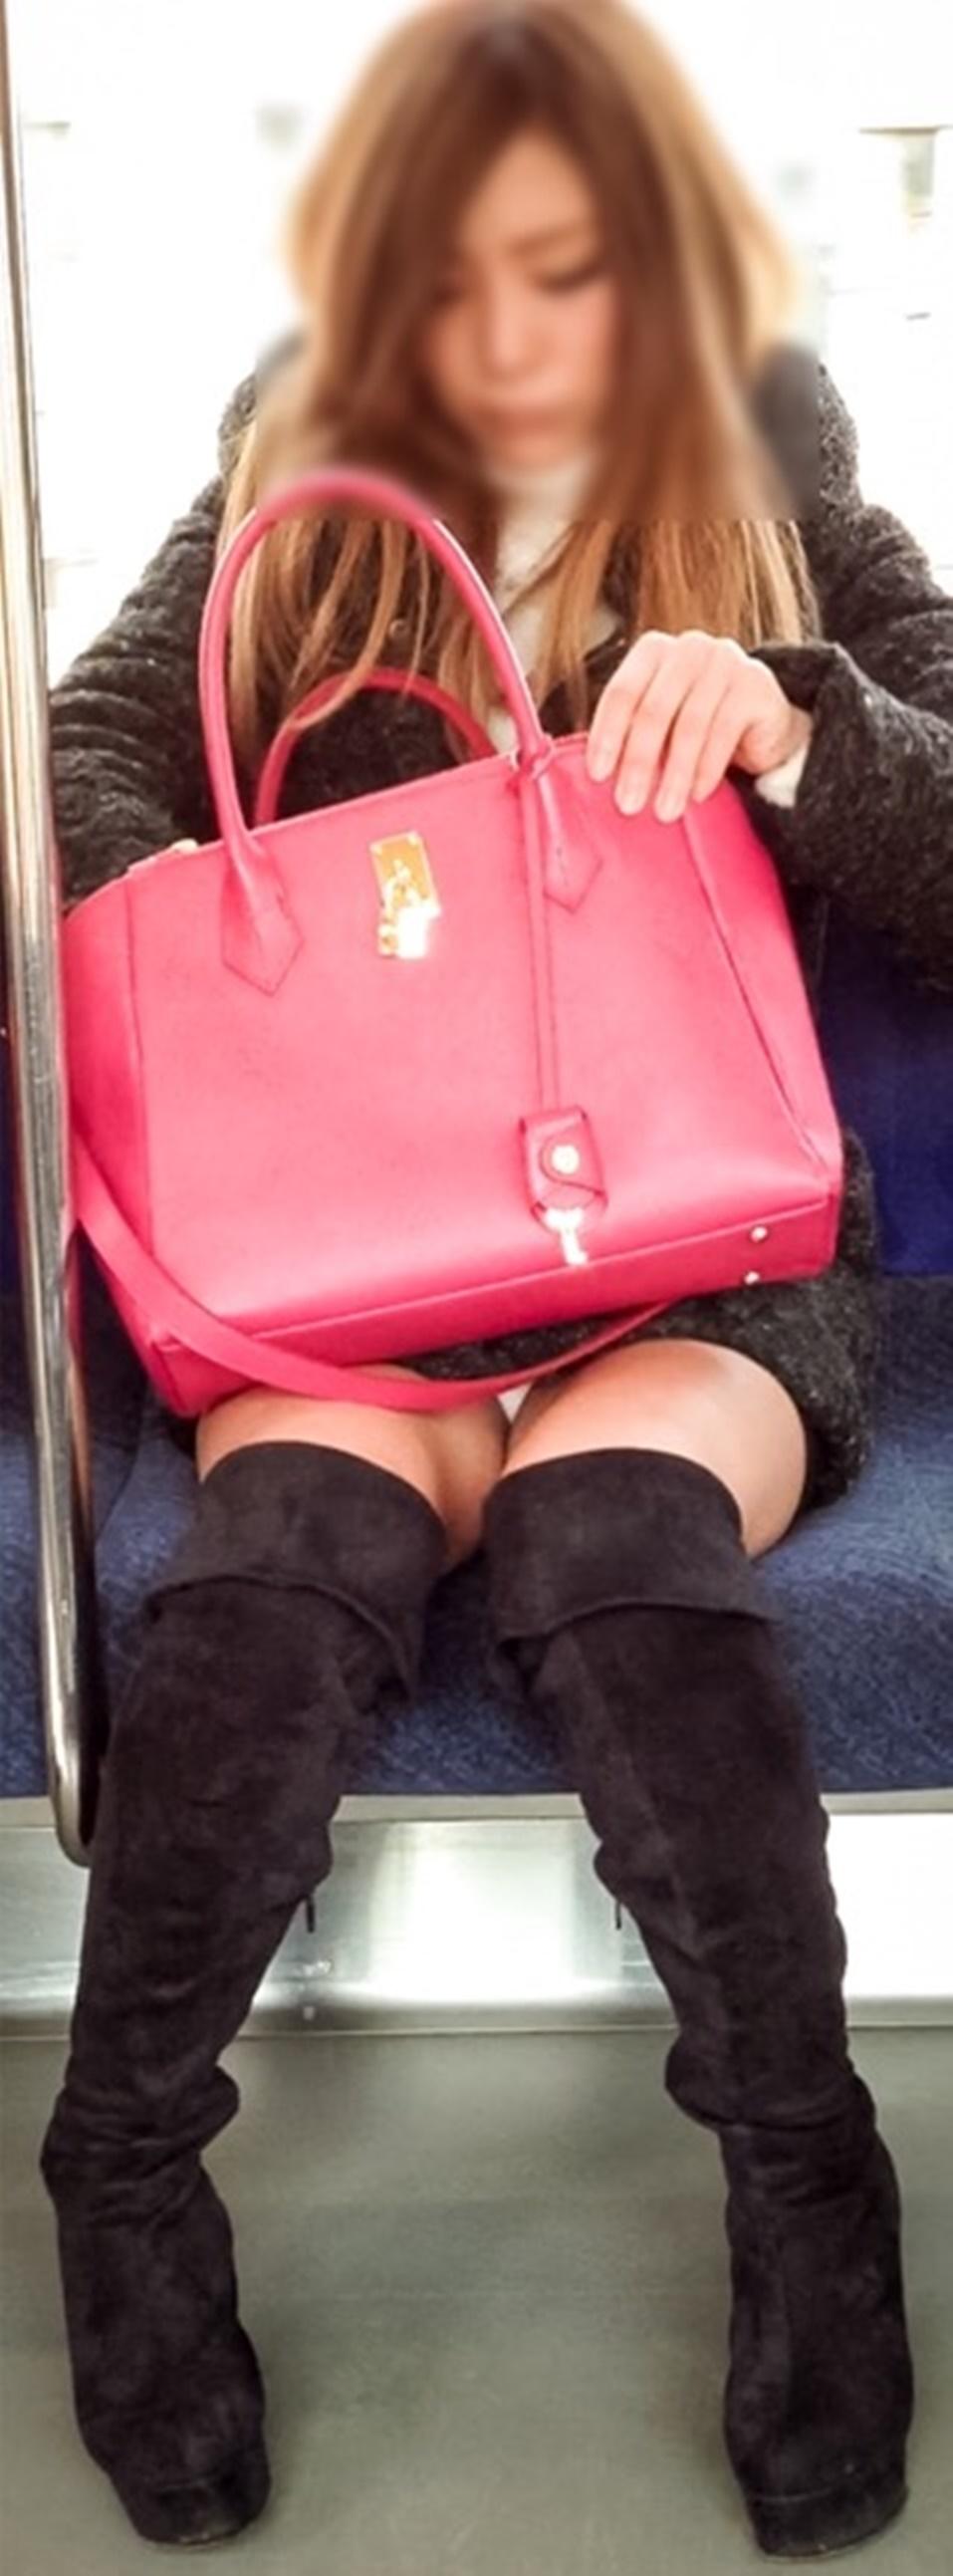 【パンチラエロ画像】電車に乗るなら忘れずにwスルー無理な対面パンチラwww 20